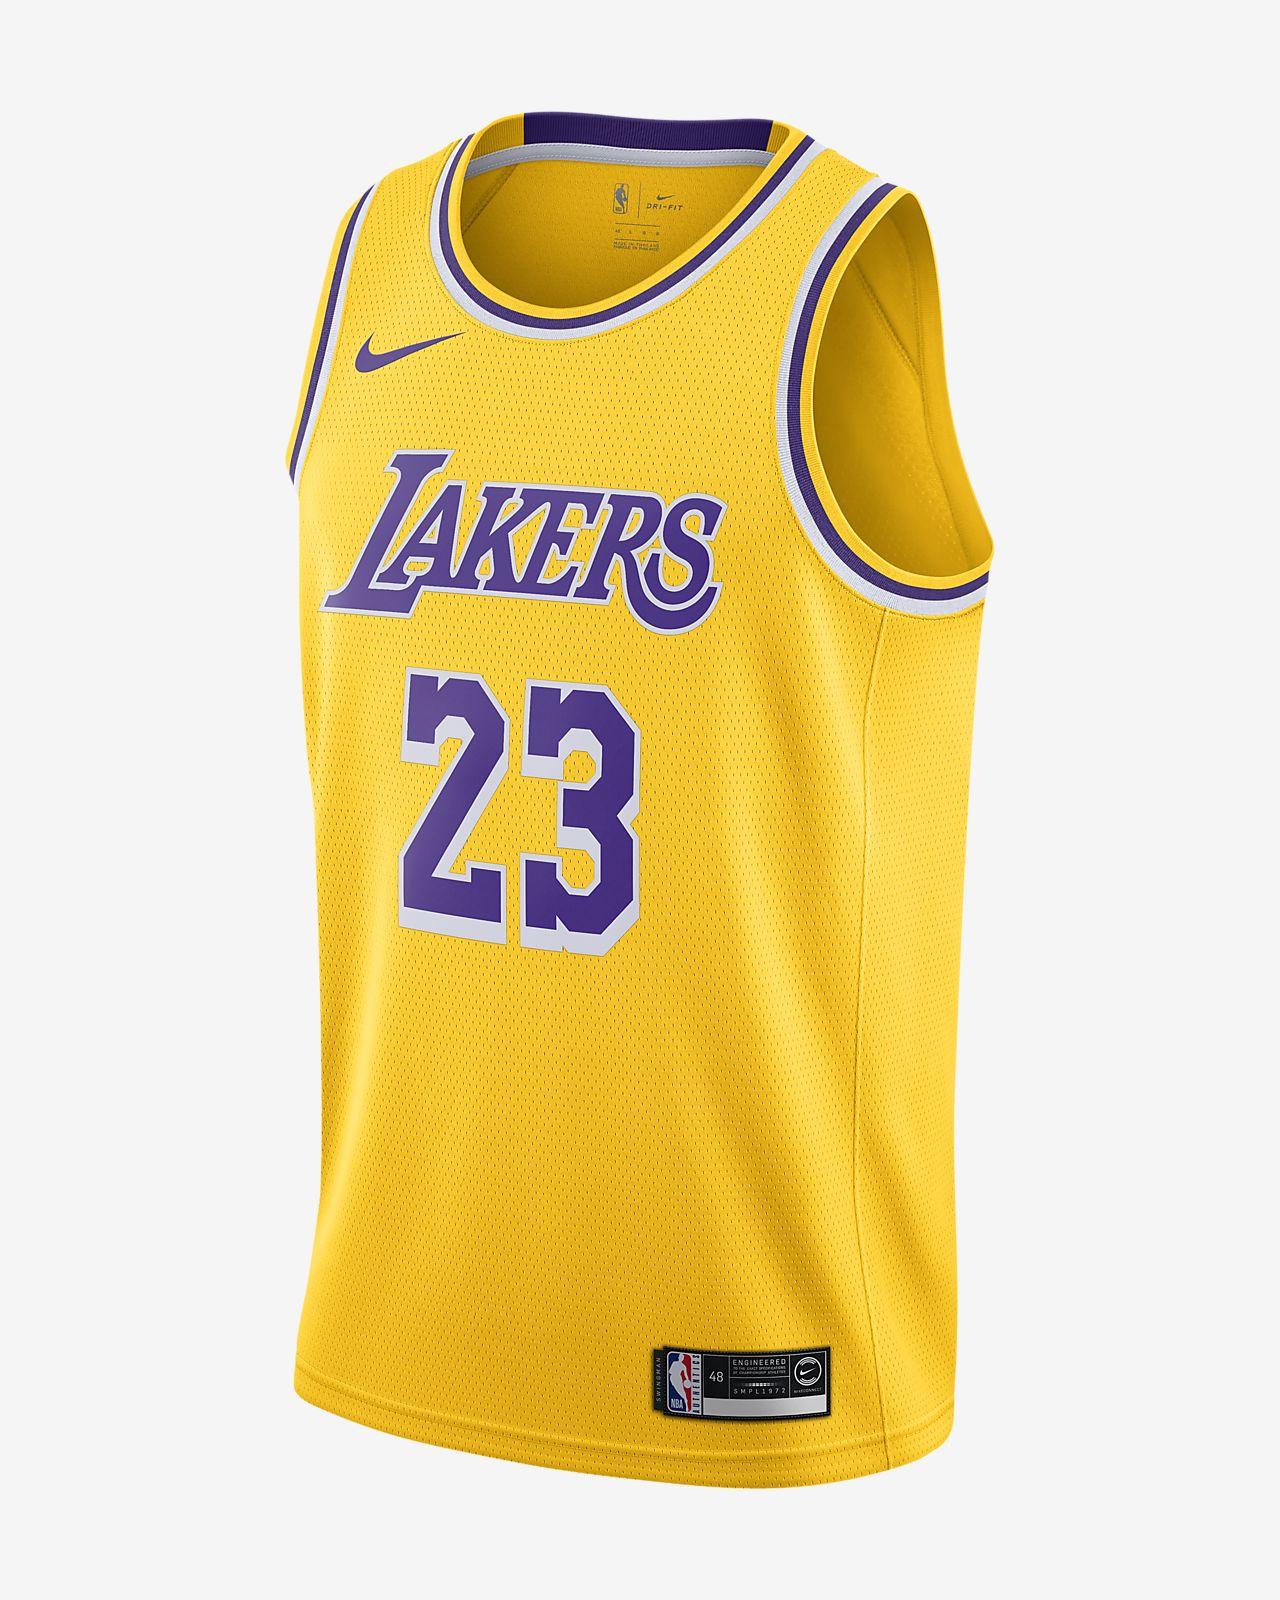 レブロン ジェームズ アイコン エディション スウィングマン (ロサンゼルス・レイカーズ) メンズ ナイキ NBA コネクテッド ジャージー